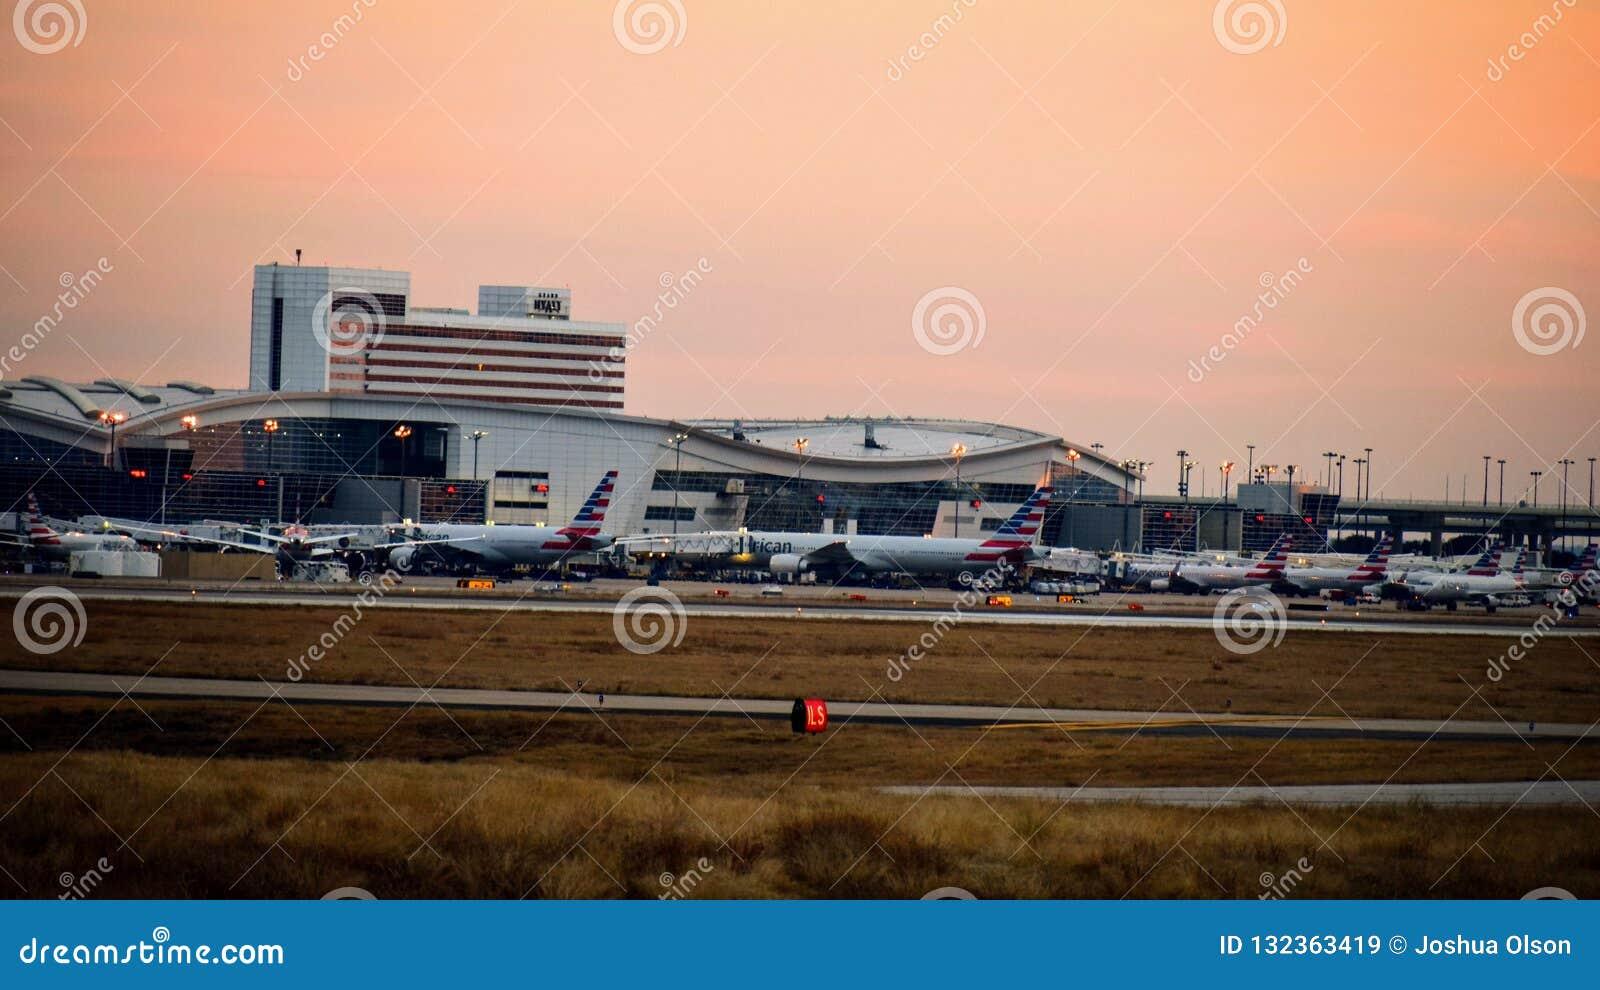 Rząd samoloty przy lotniskowy śmiertelnie